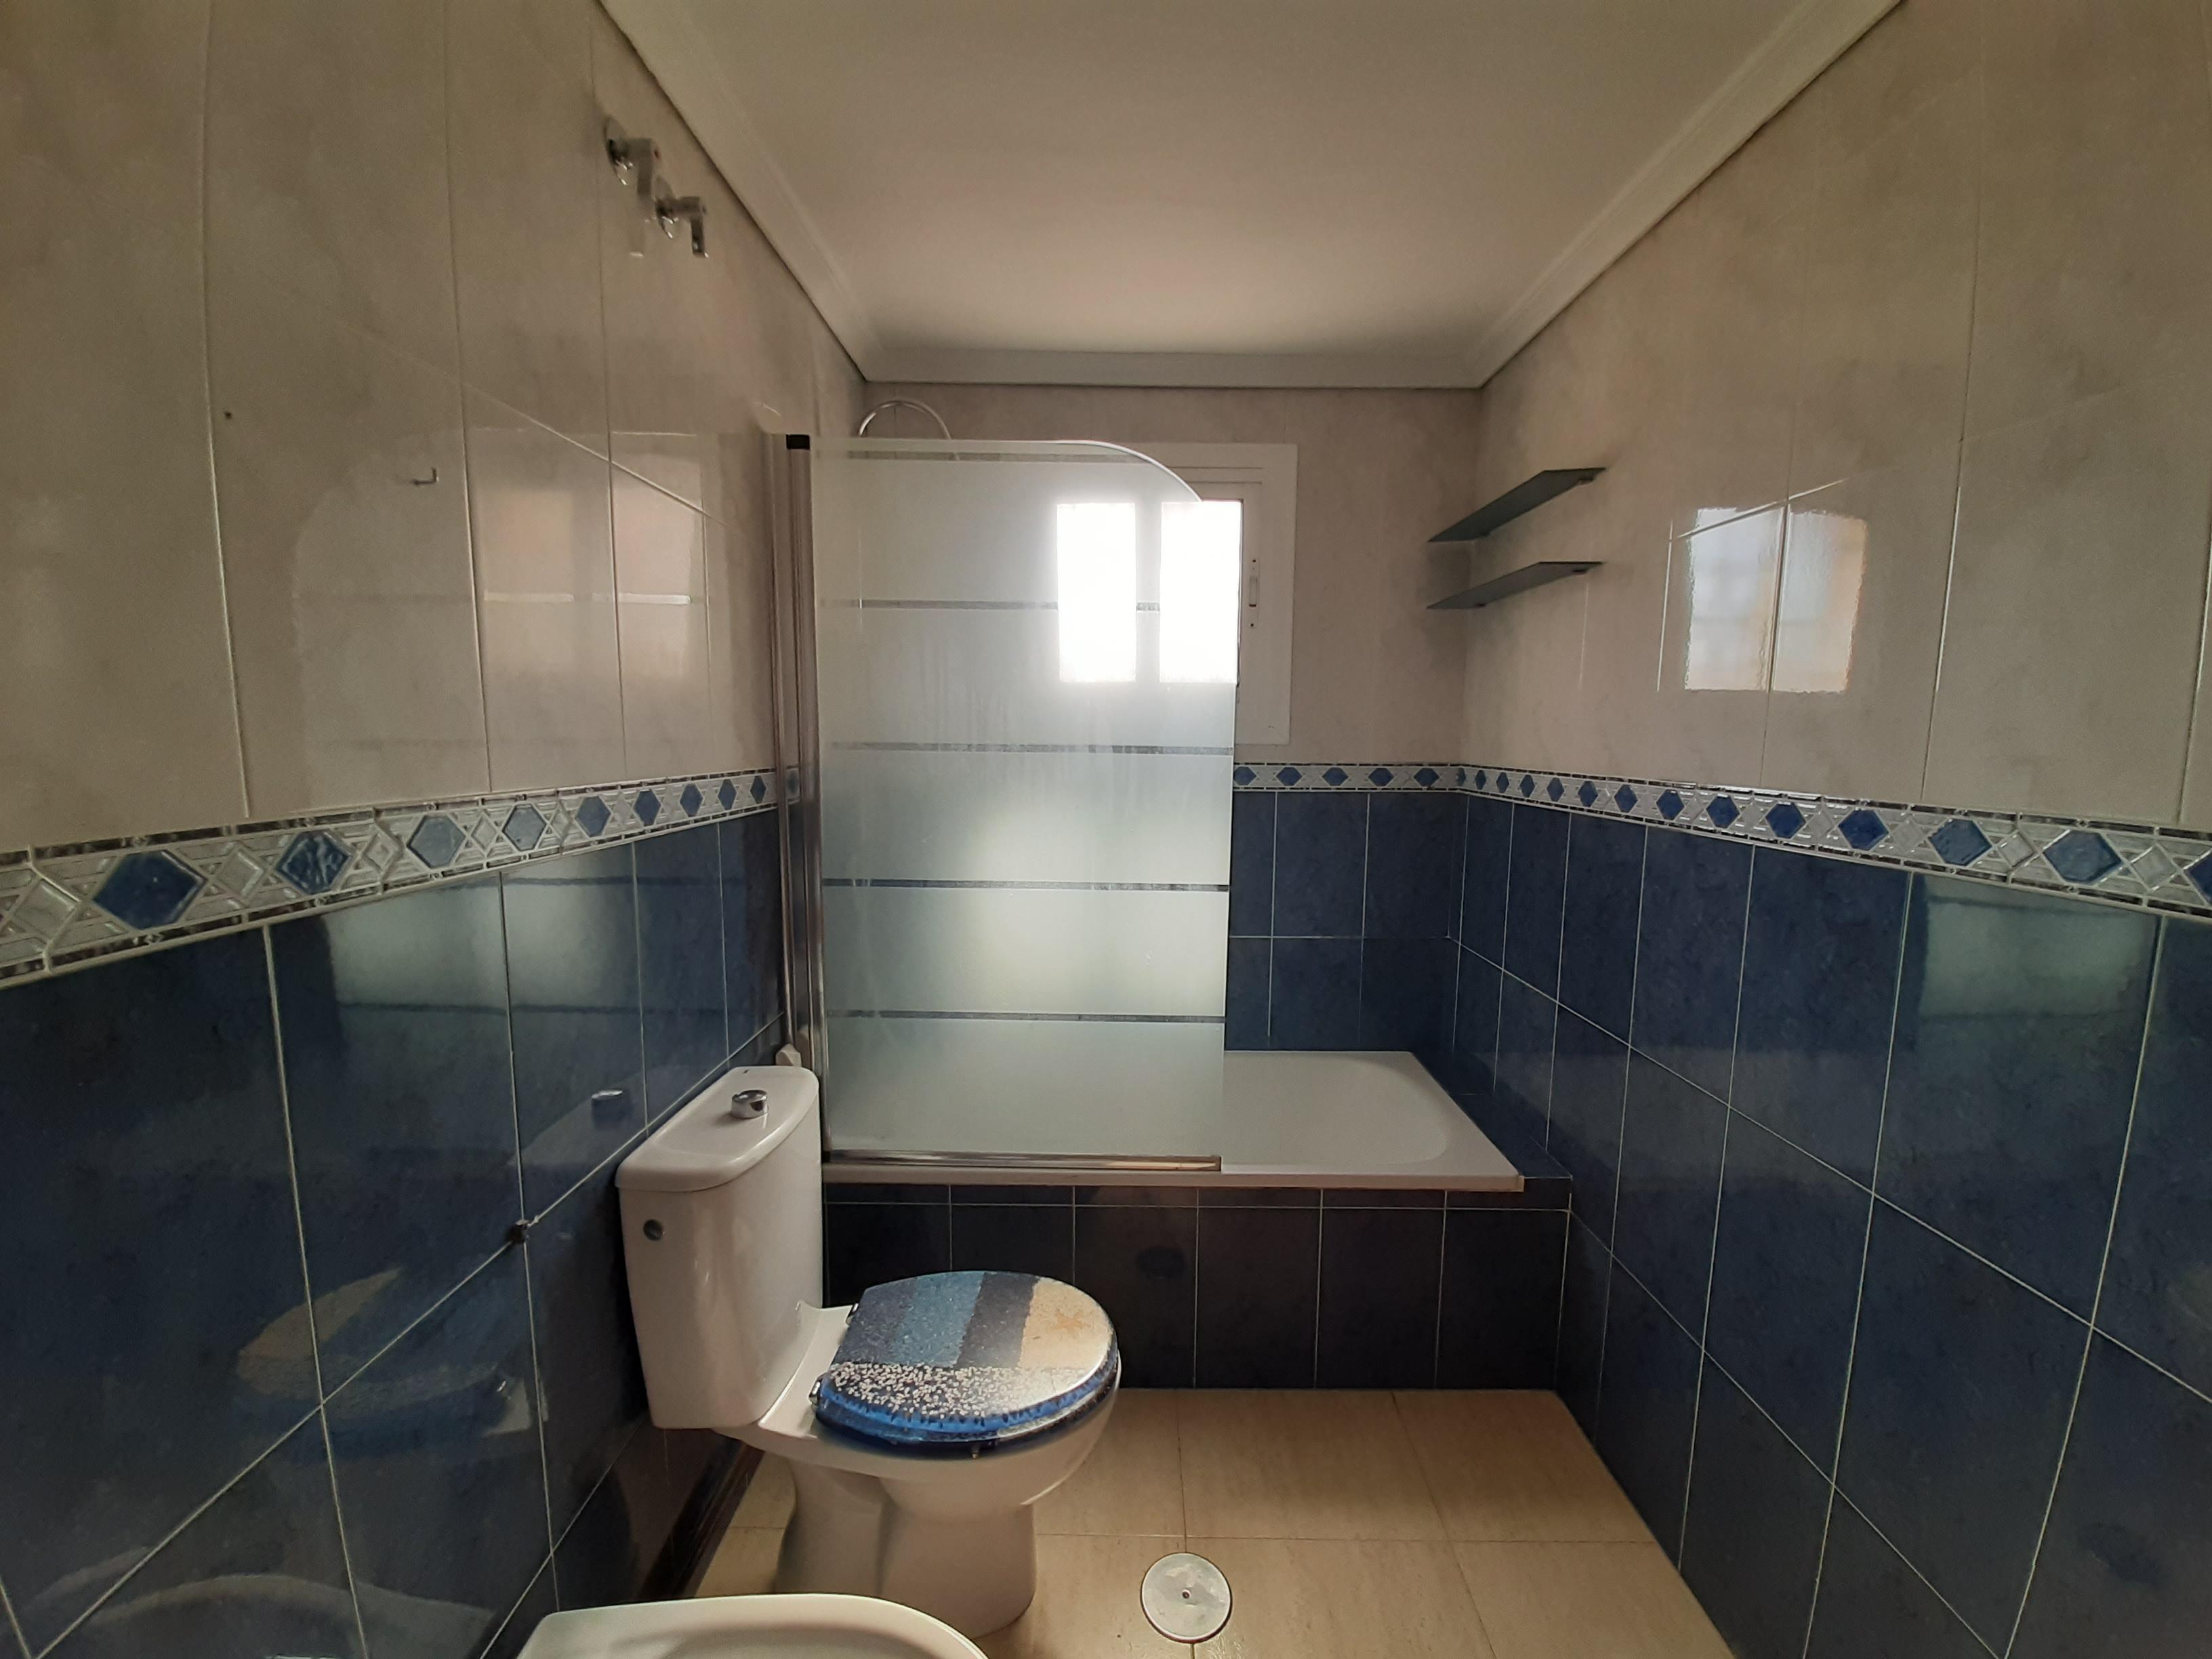 Piso en venta en Gran Alacant, Santa Pola, Alicante, Calle Monte de Santa Pola, 137.000 €, 2 habitaciones, 1 baño, 77 m2